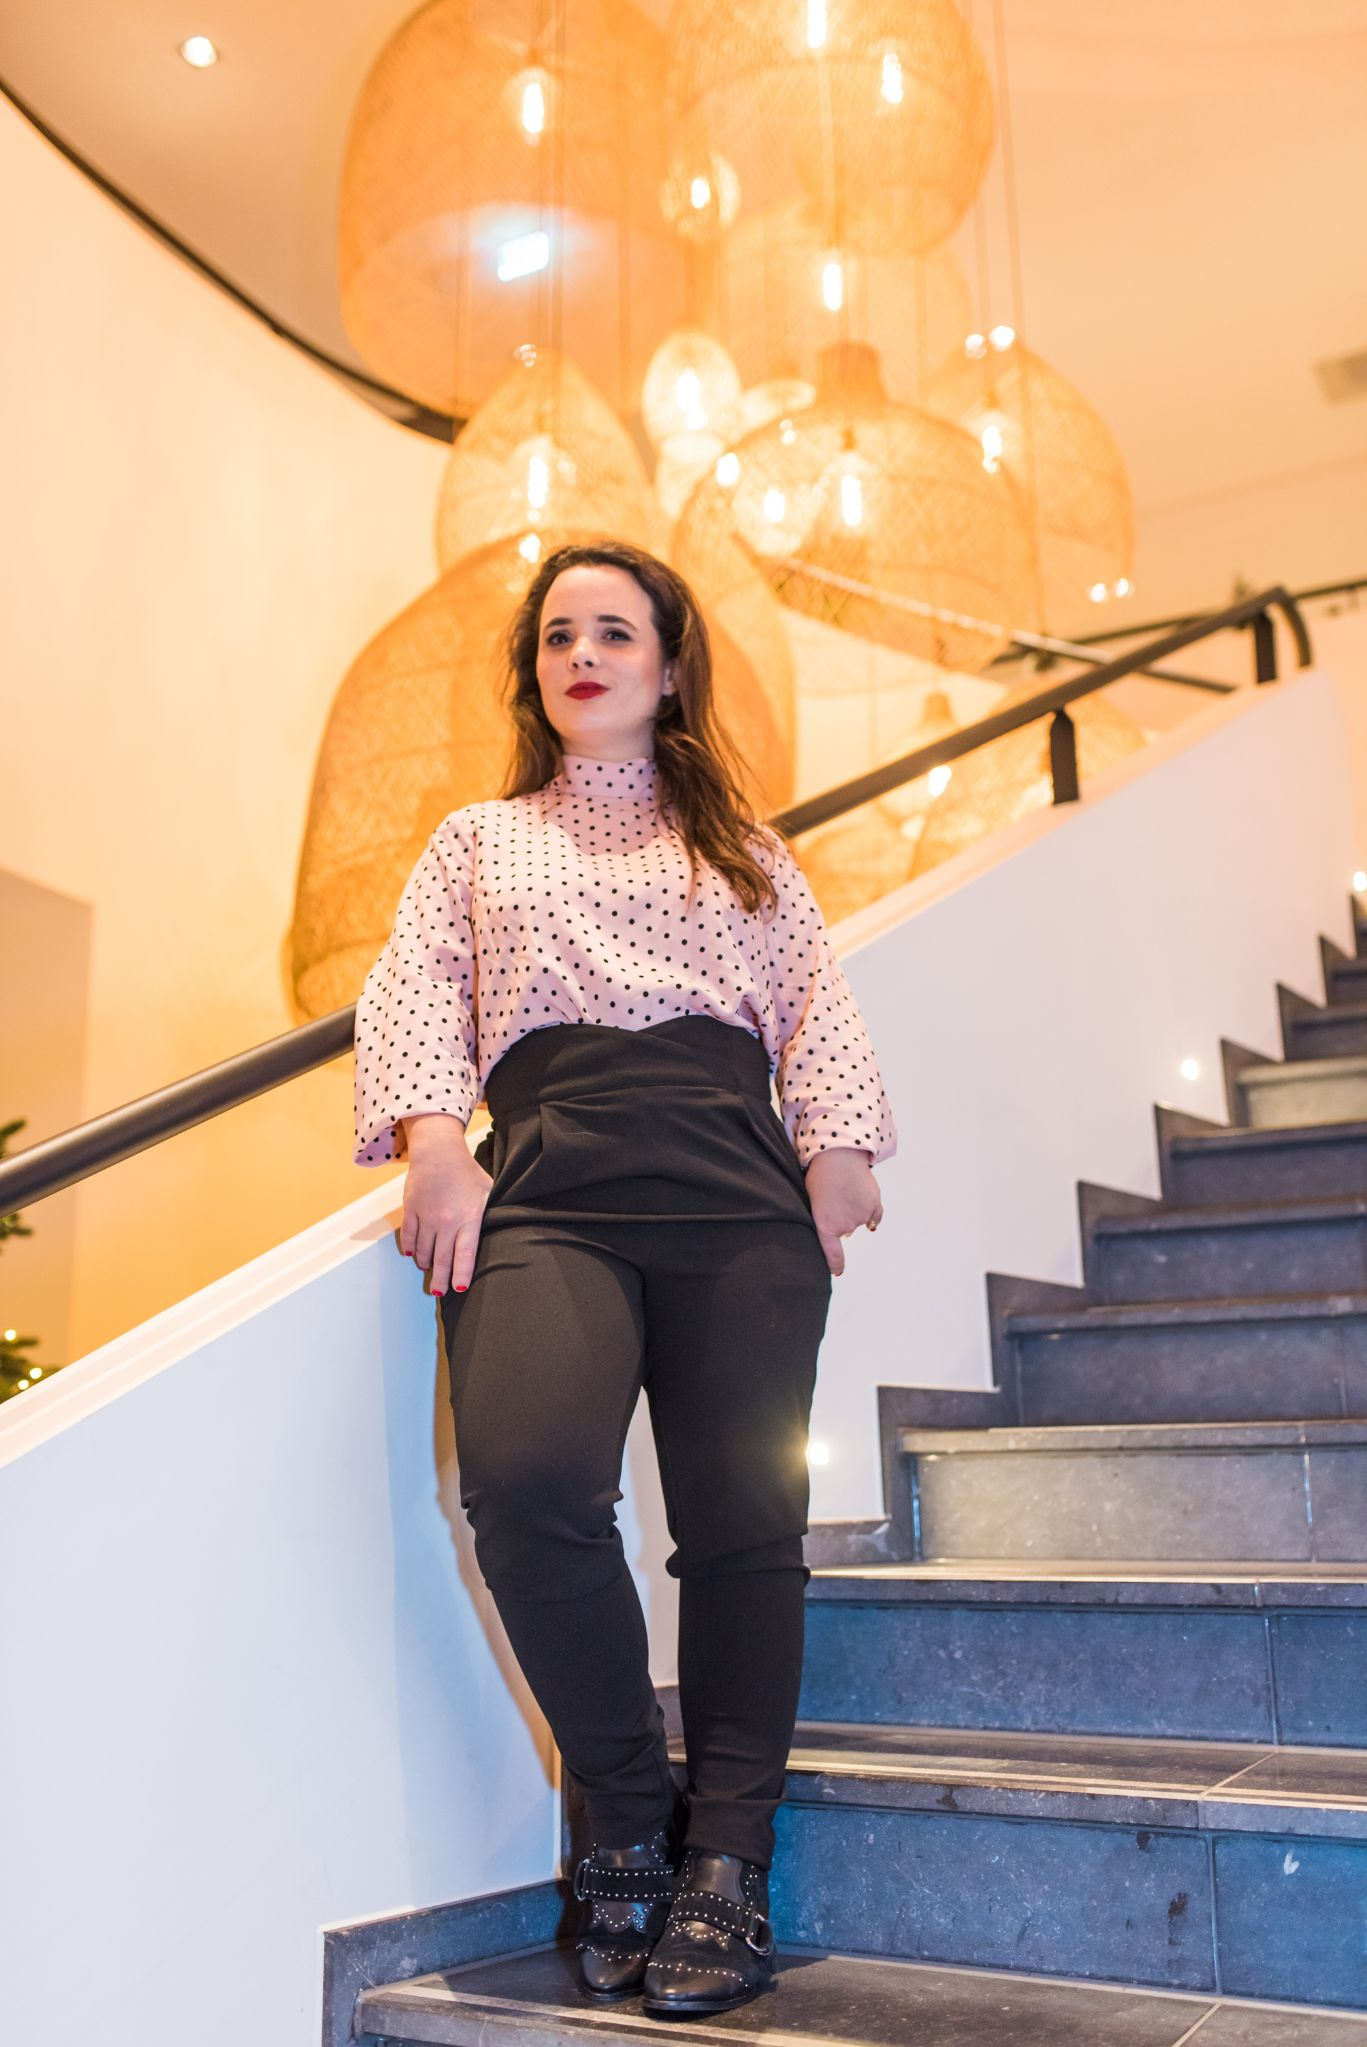 Simone Levie Waarom Webinars de verkoop van jouw online programma flink kunnen laten stijgen blog portrait